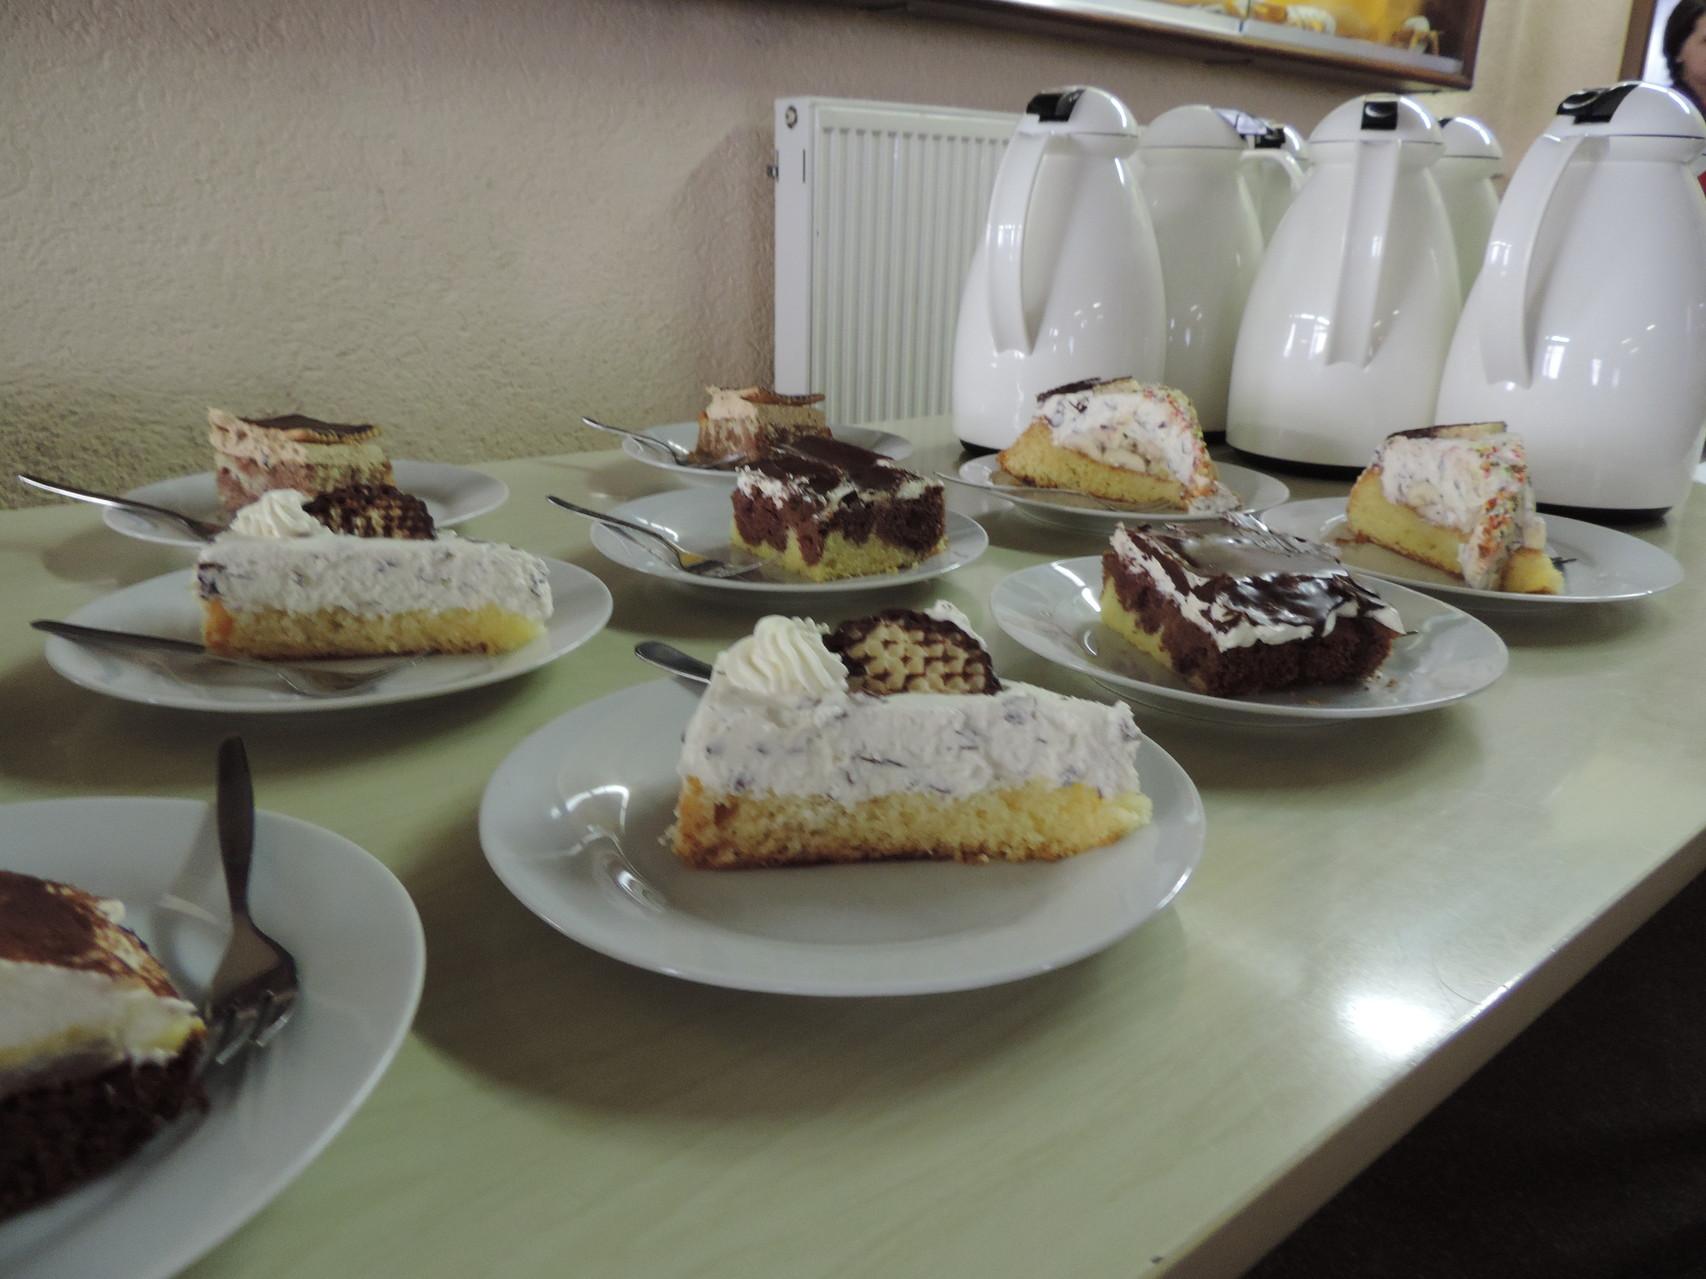 Vielen Dank an die zahlreichen Kuchen- und Tortenbäckerinnen für die Spende!